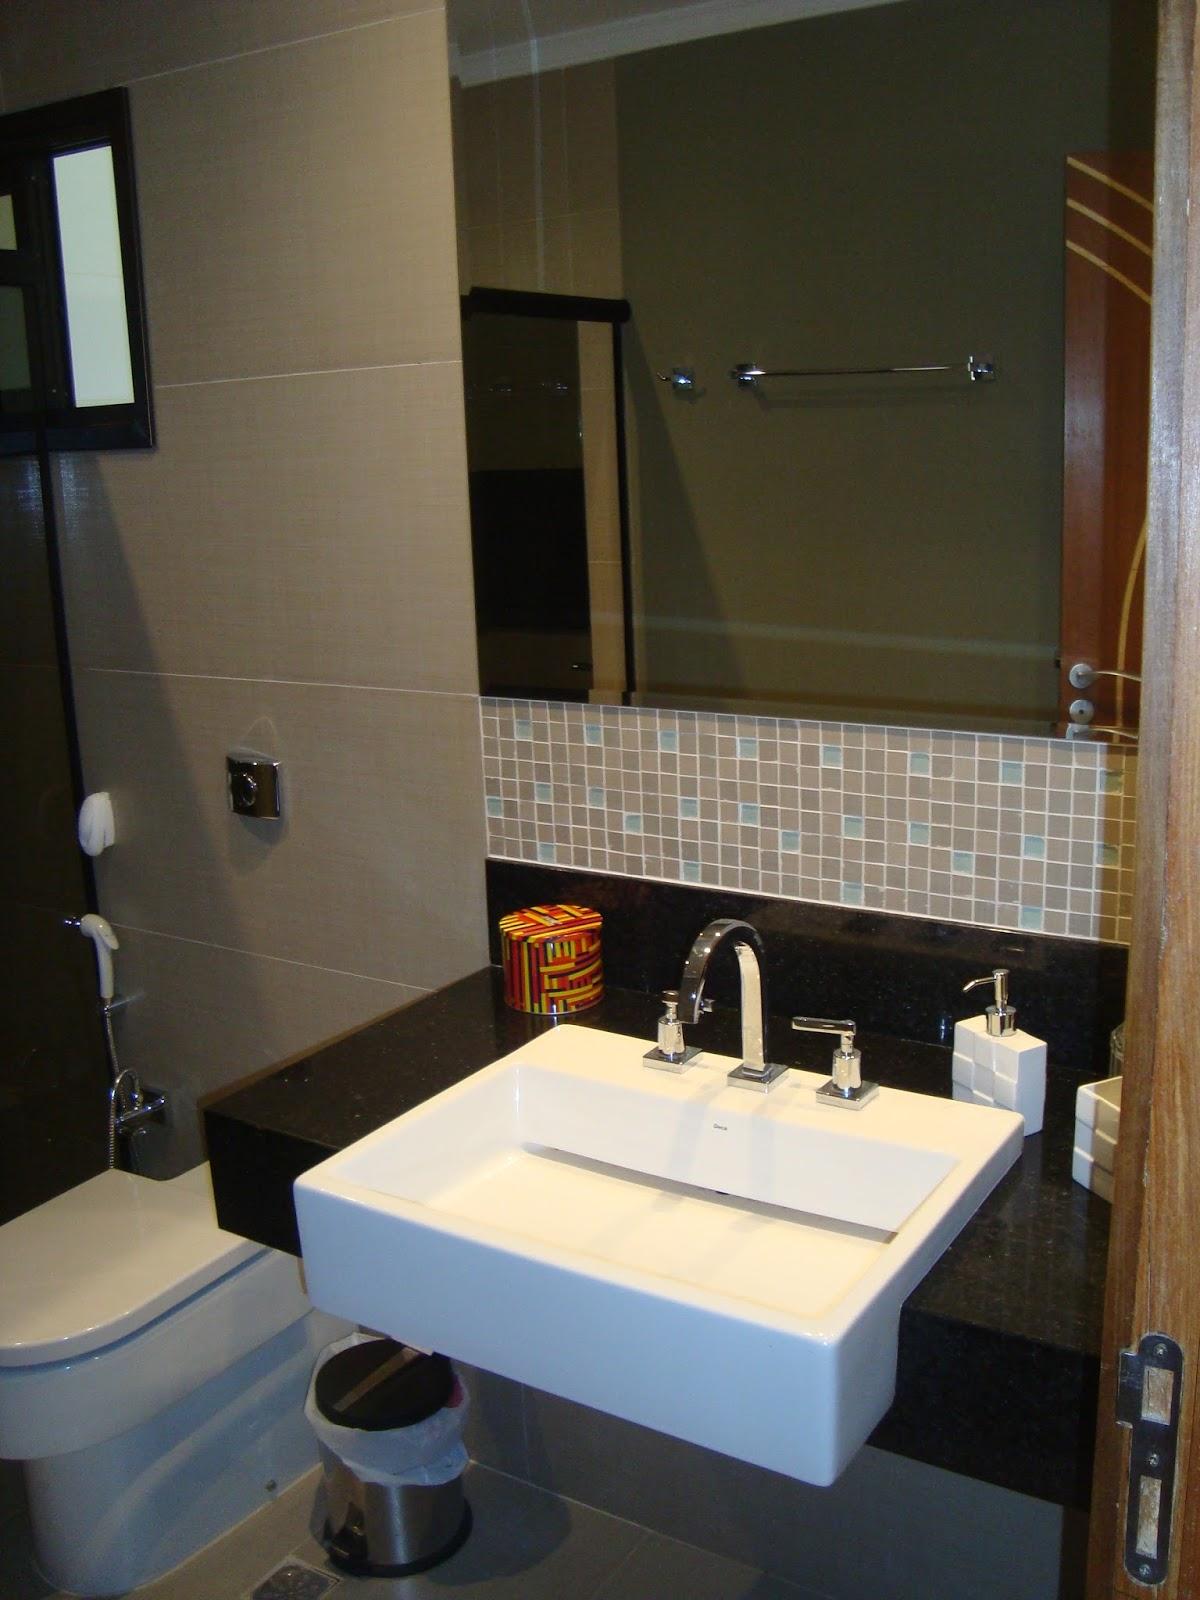 Banheiro 1. Lavatório de semi encaixe sobre granito preto absoluto  #947537 1200x1600 Banheiro De Arquiteto